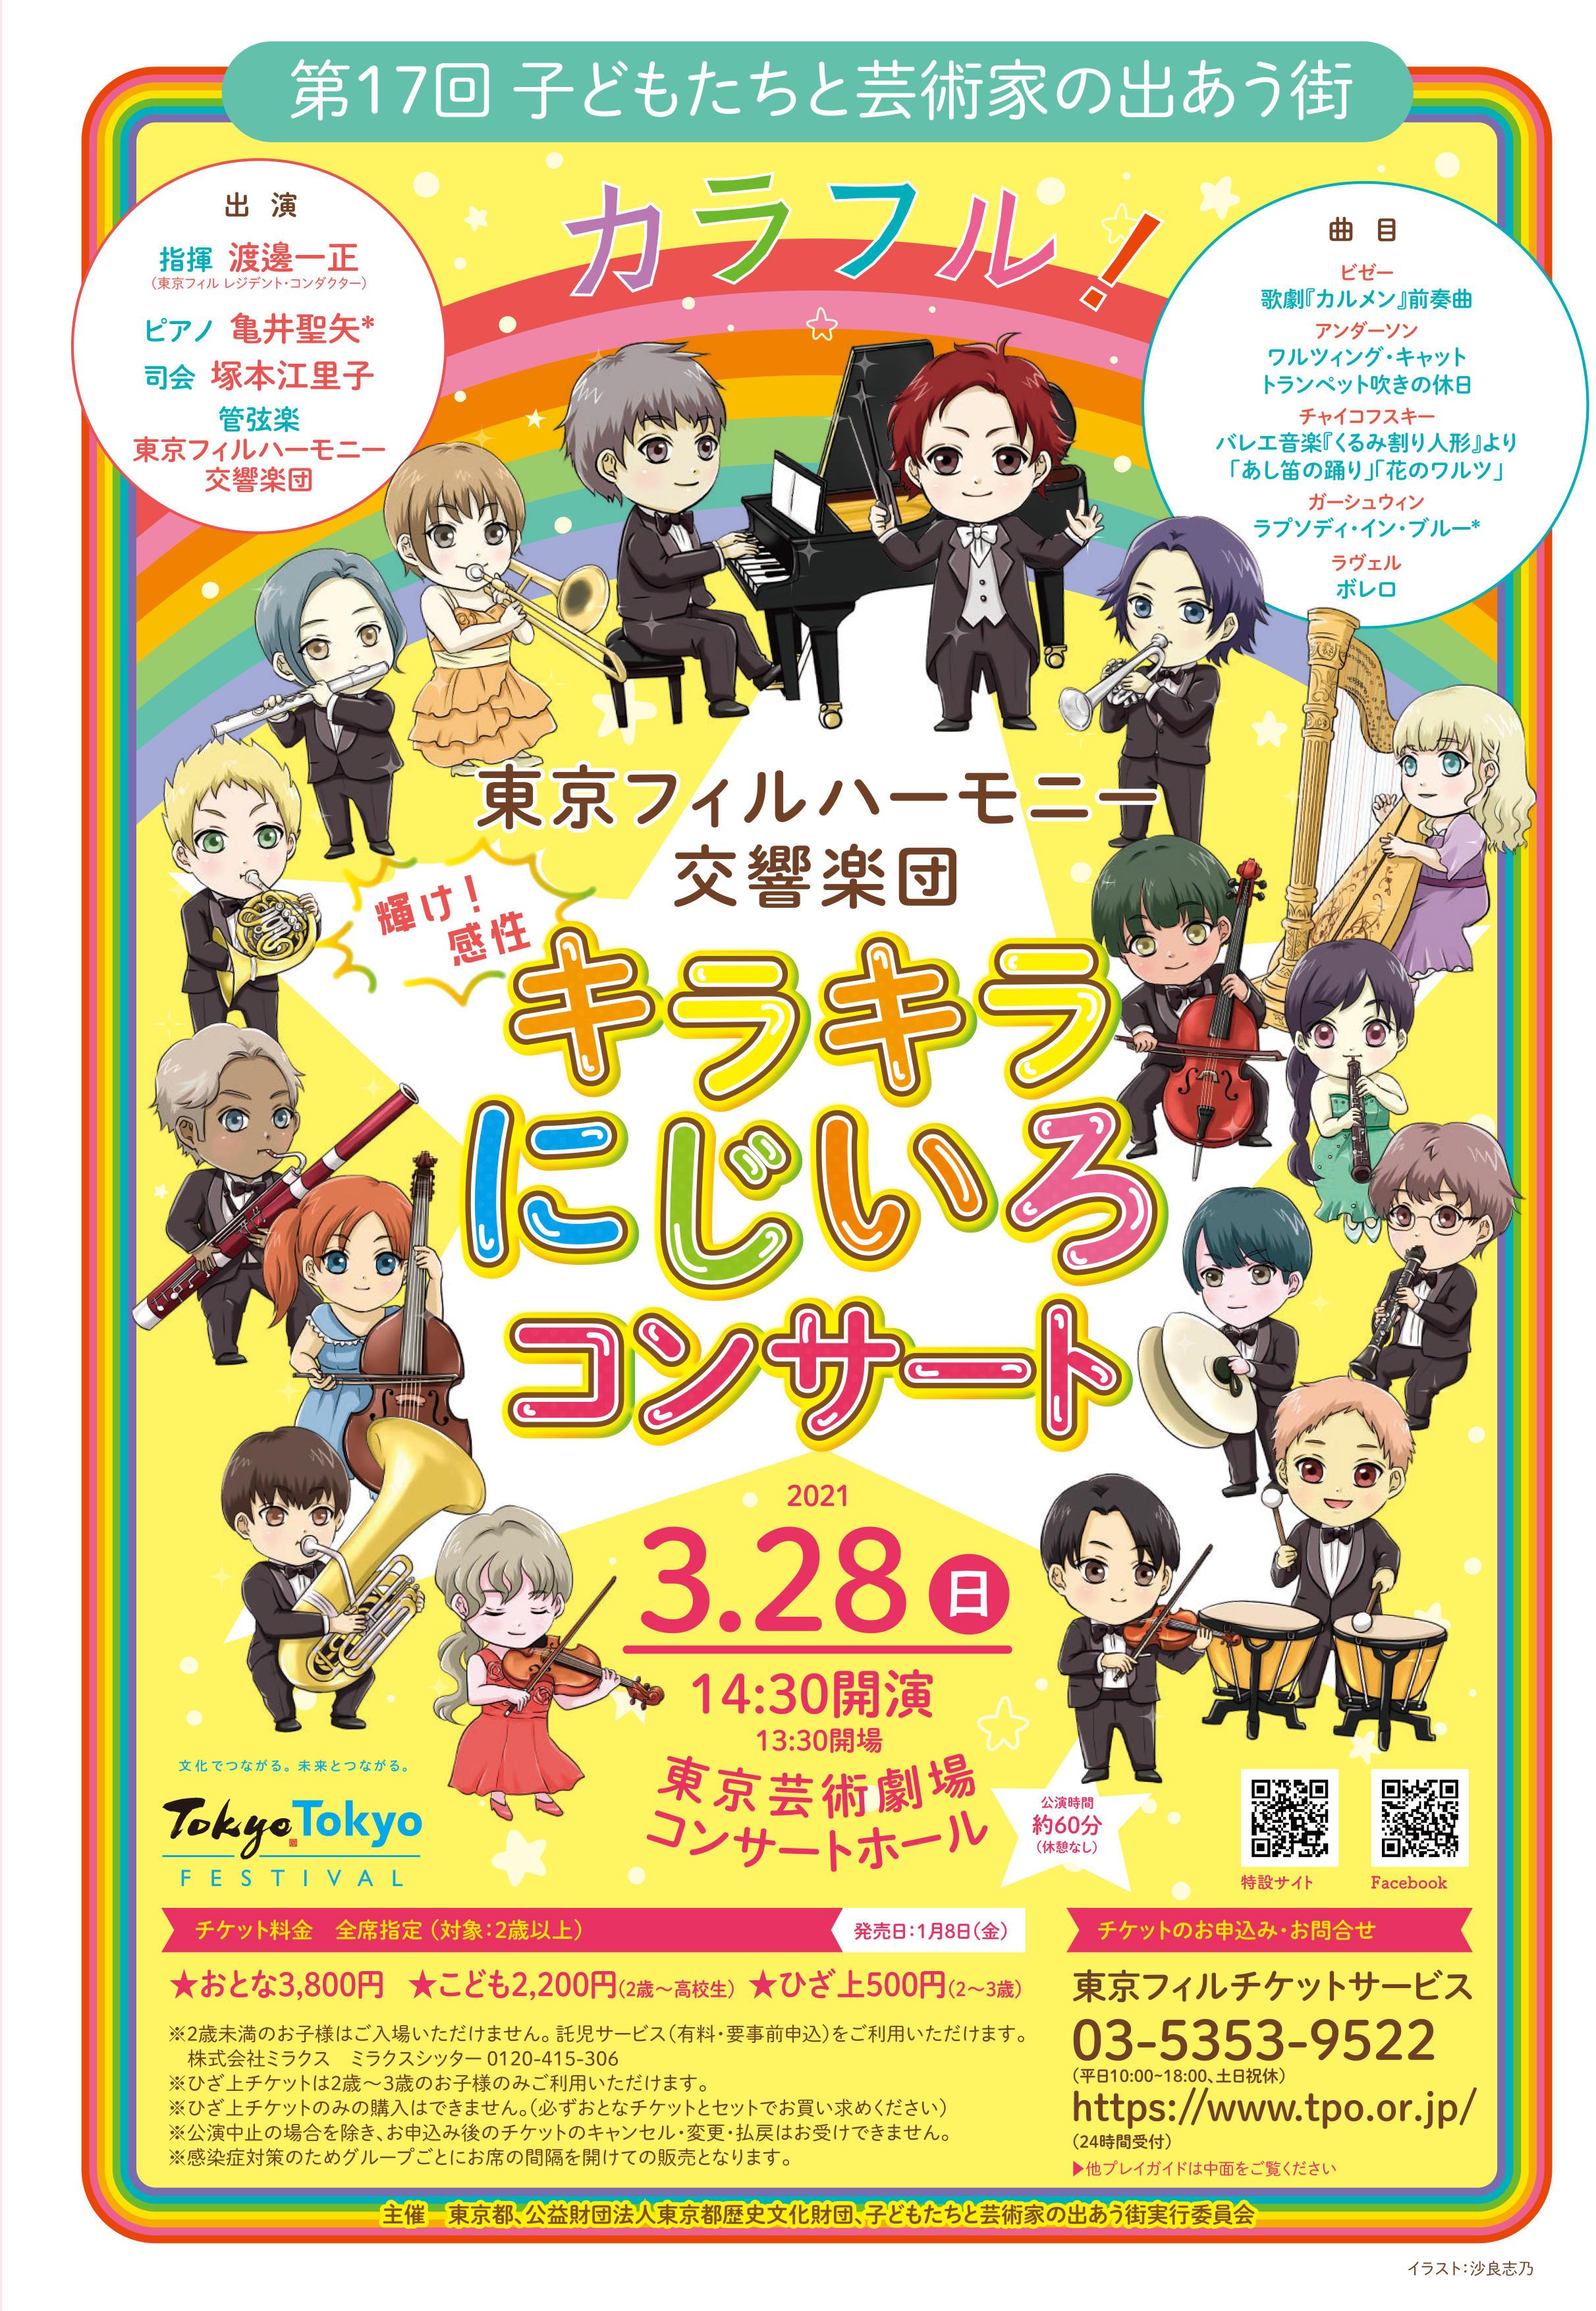 https://www.orchestra.or.jp/information/uploads/0b9af671b25d2de82eb1916854a0d5bfed3e2292.jpg